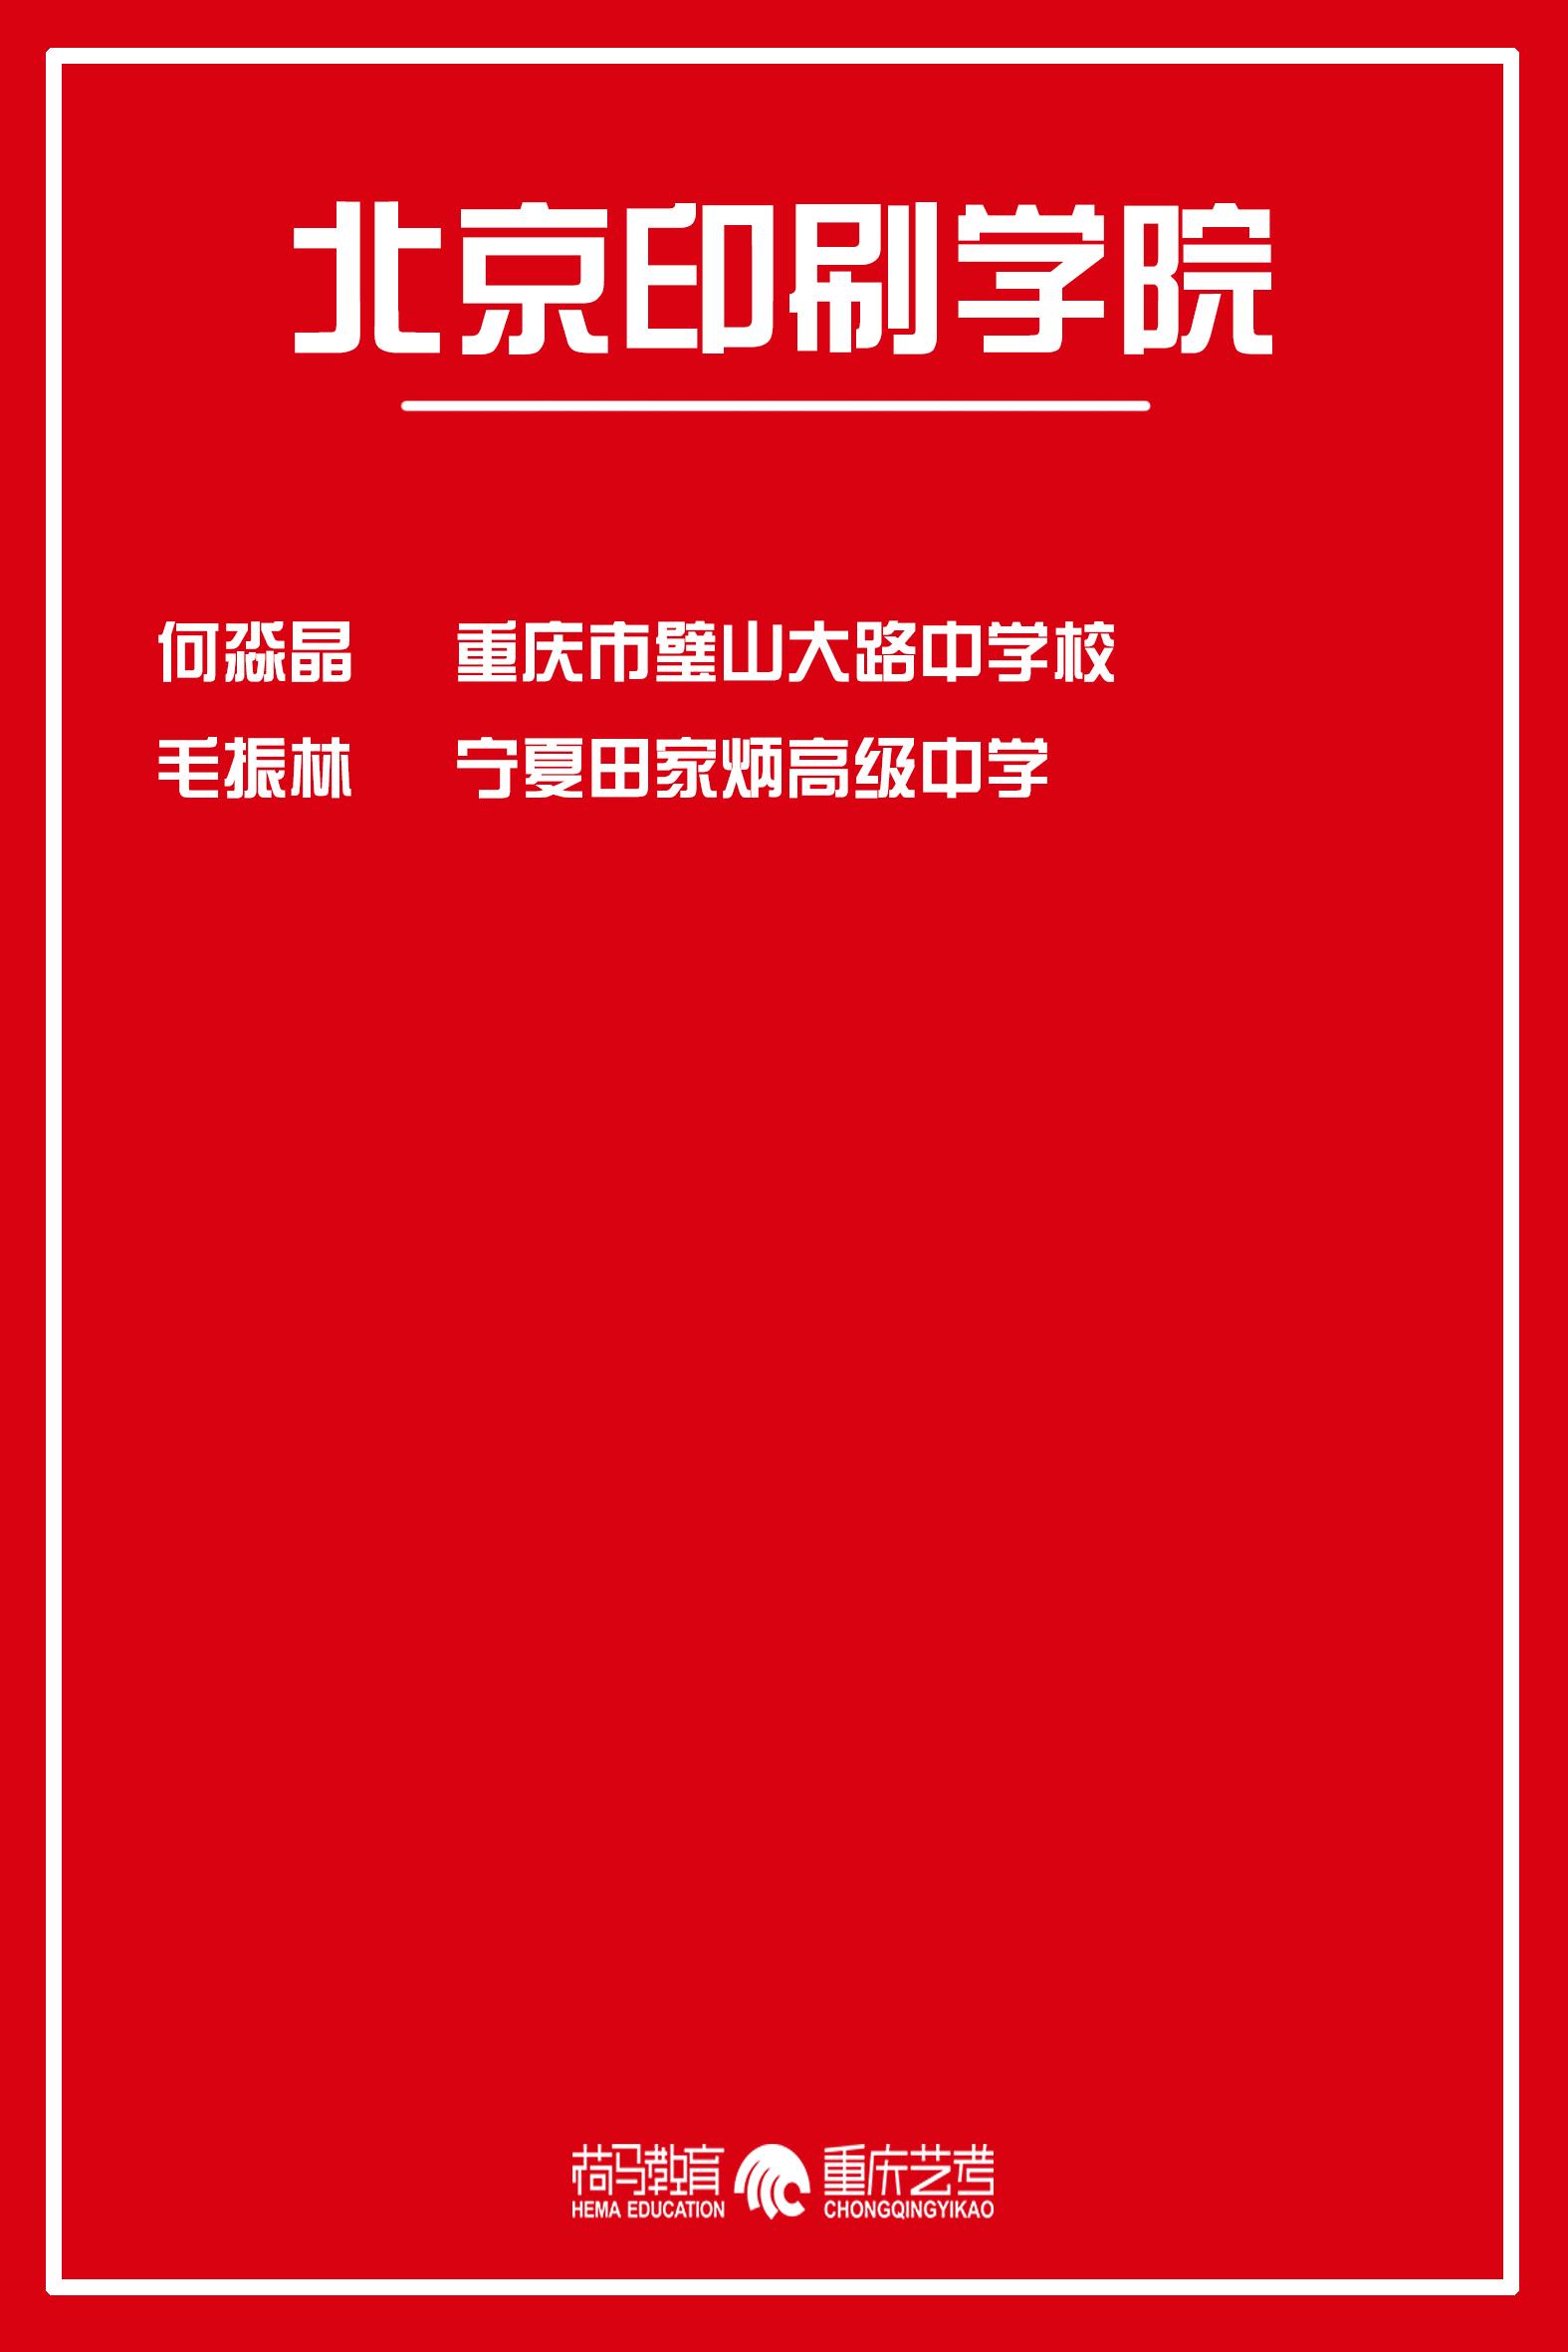 北京印刷学院.jpg